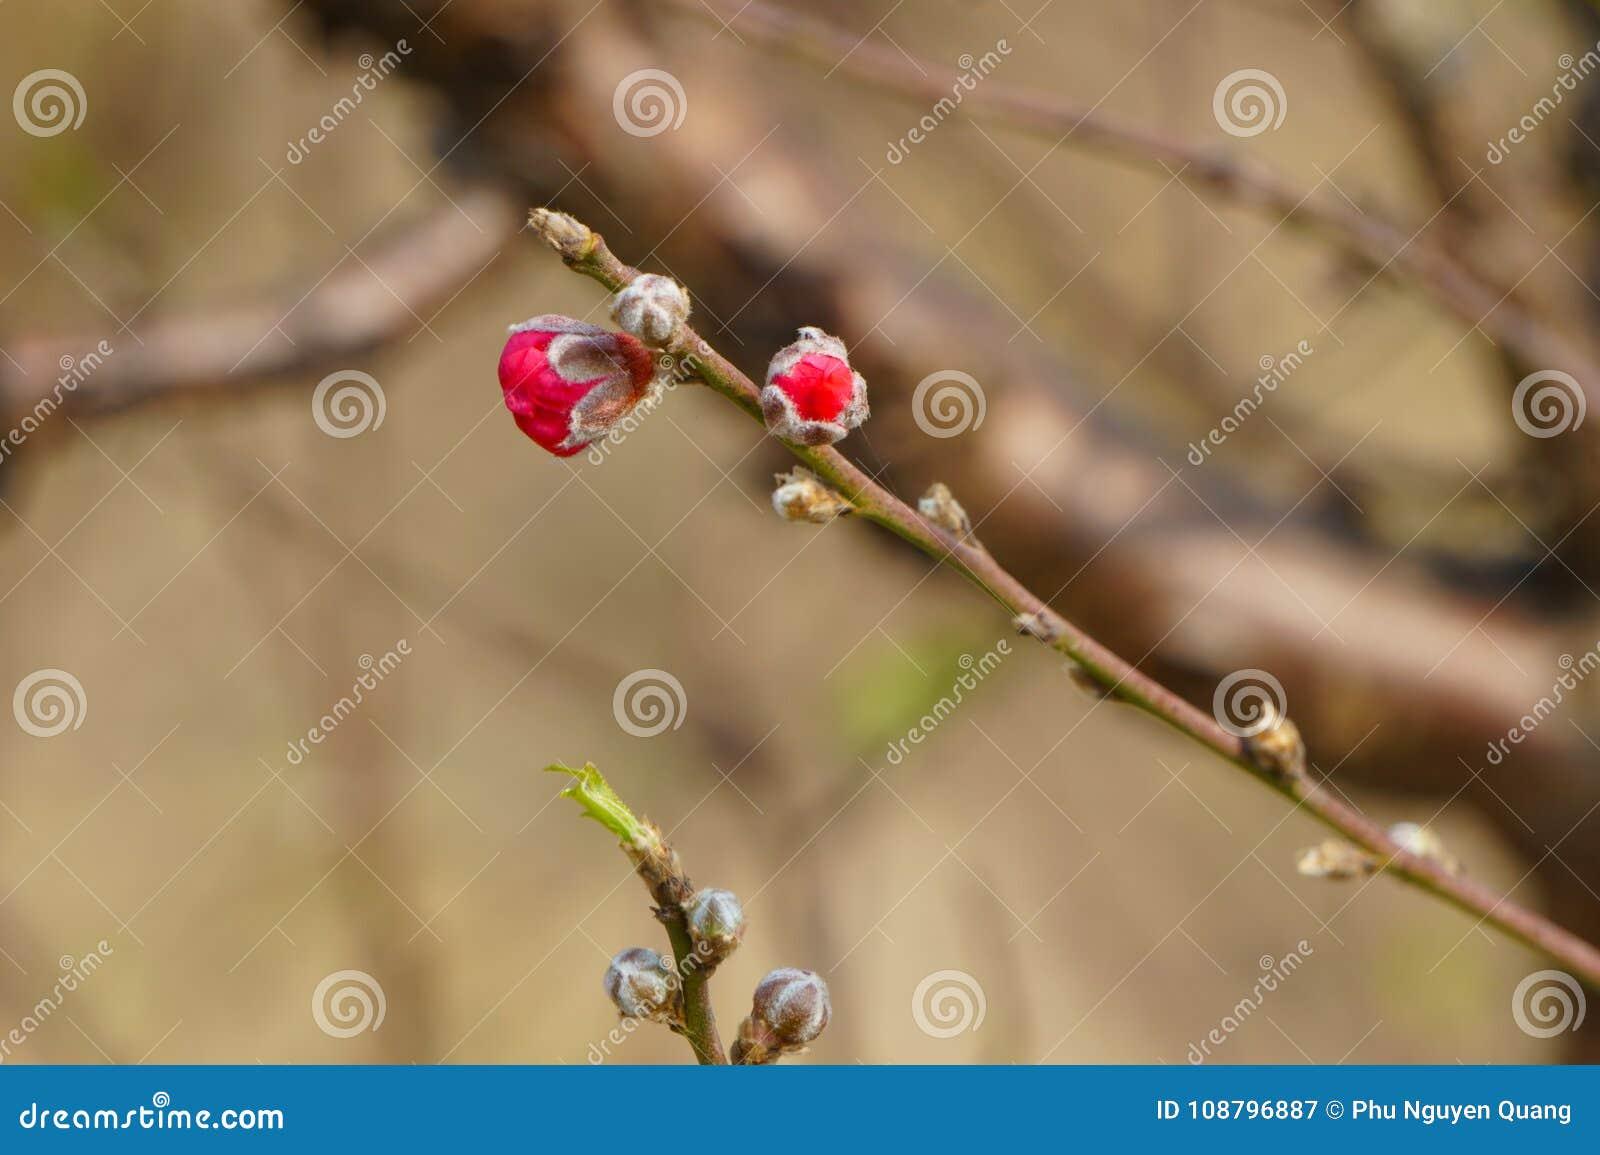 Peach Blossom Buds For Spring Stock Image Image Of Close Enjoy